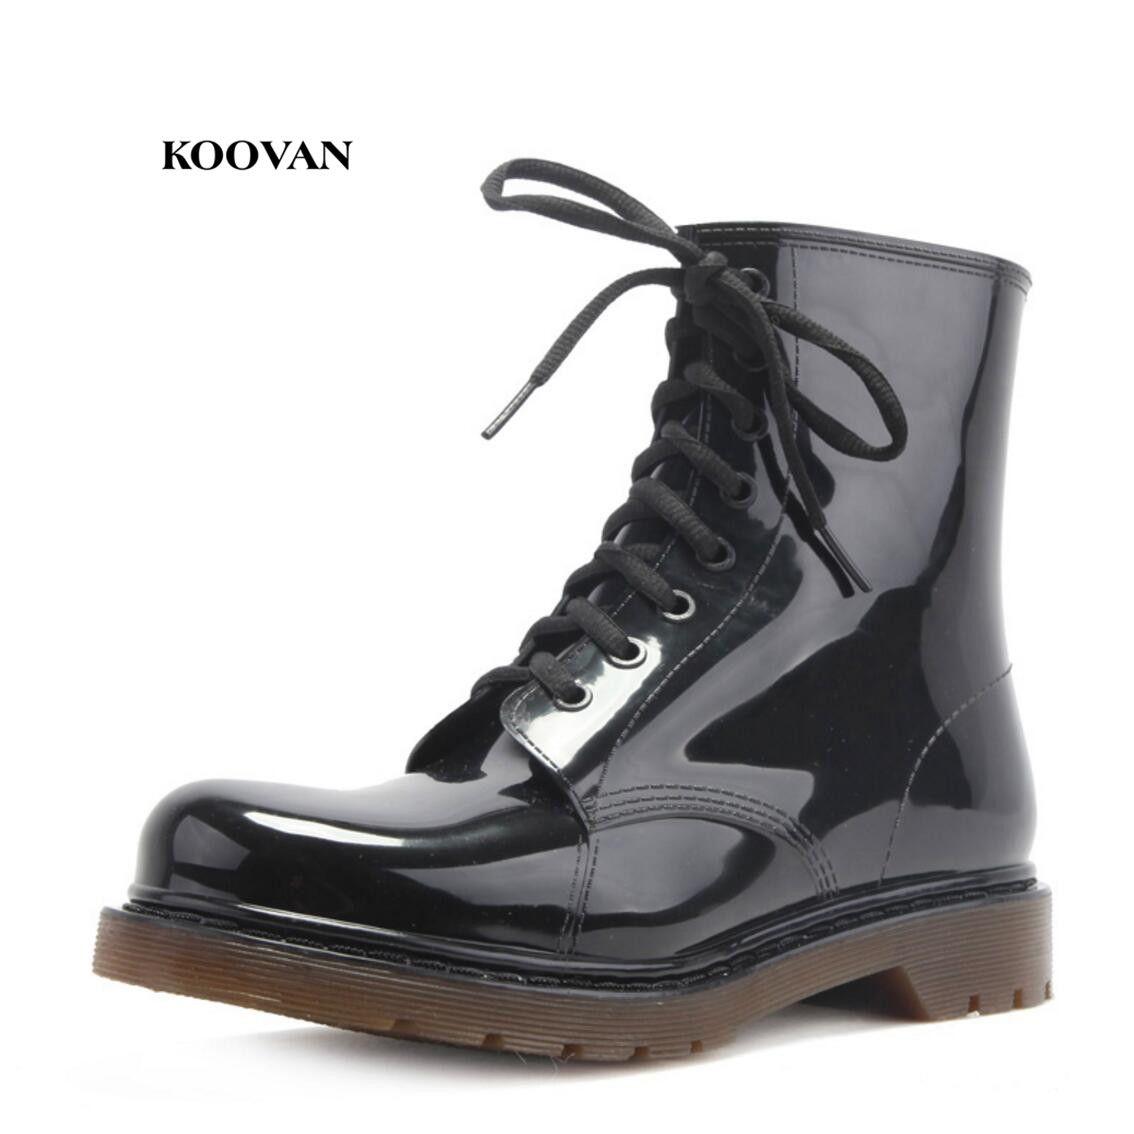 Koovan homme bottes de pluie 2018 nouvelle mode hommes chaussures bottes de pluie hommes en cuir noir bottes chaussures de pluie grande taille 39-45